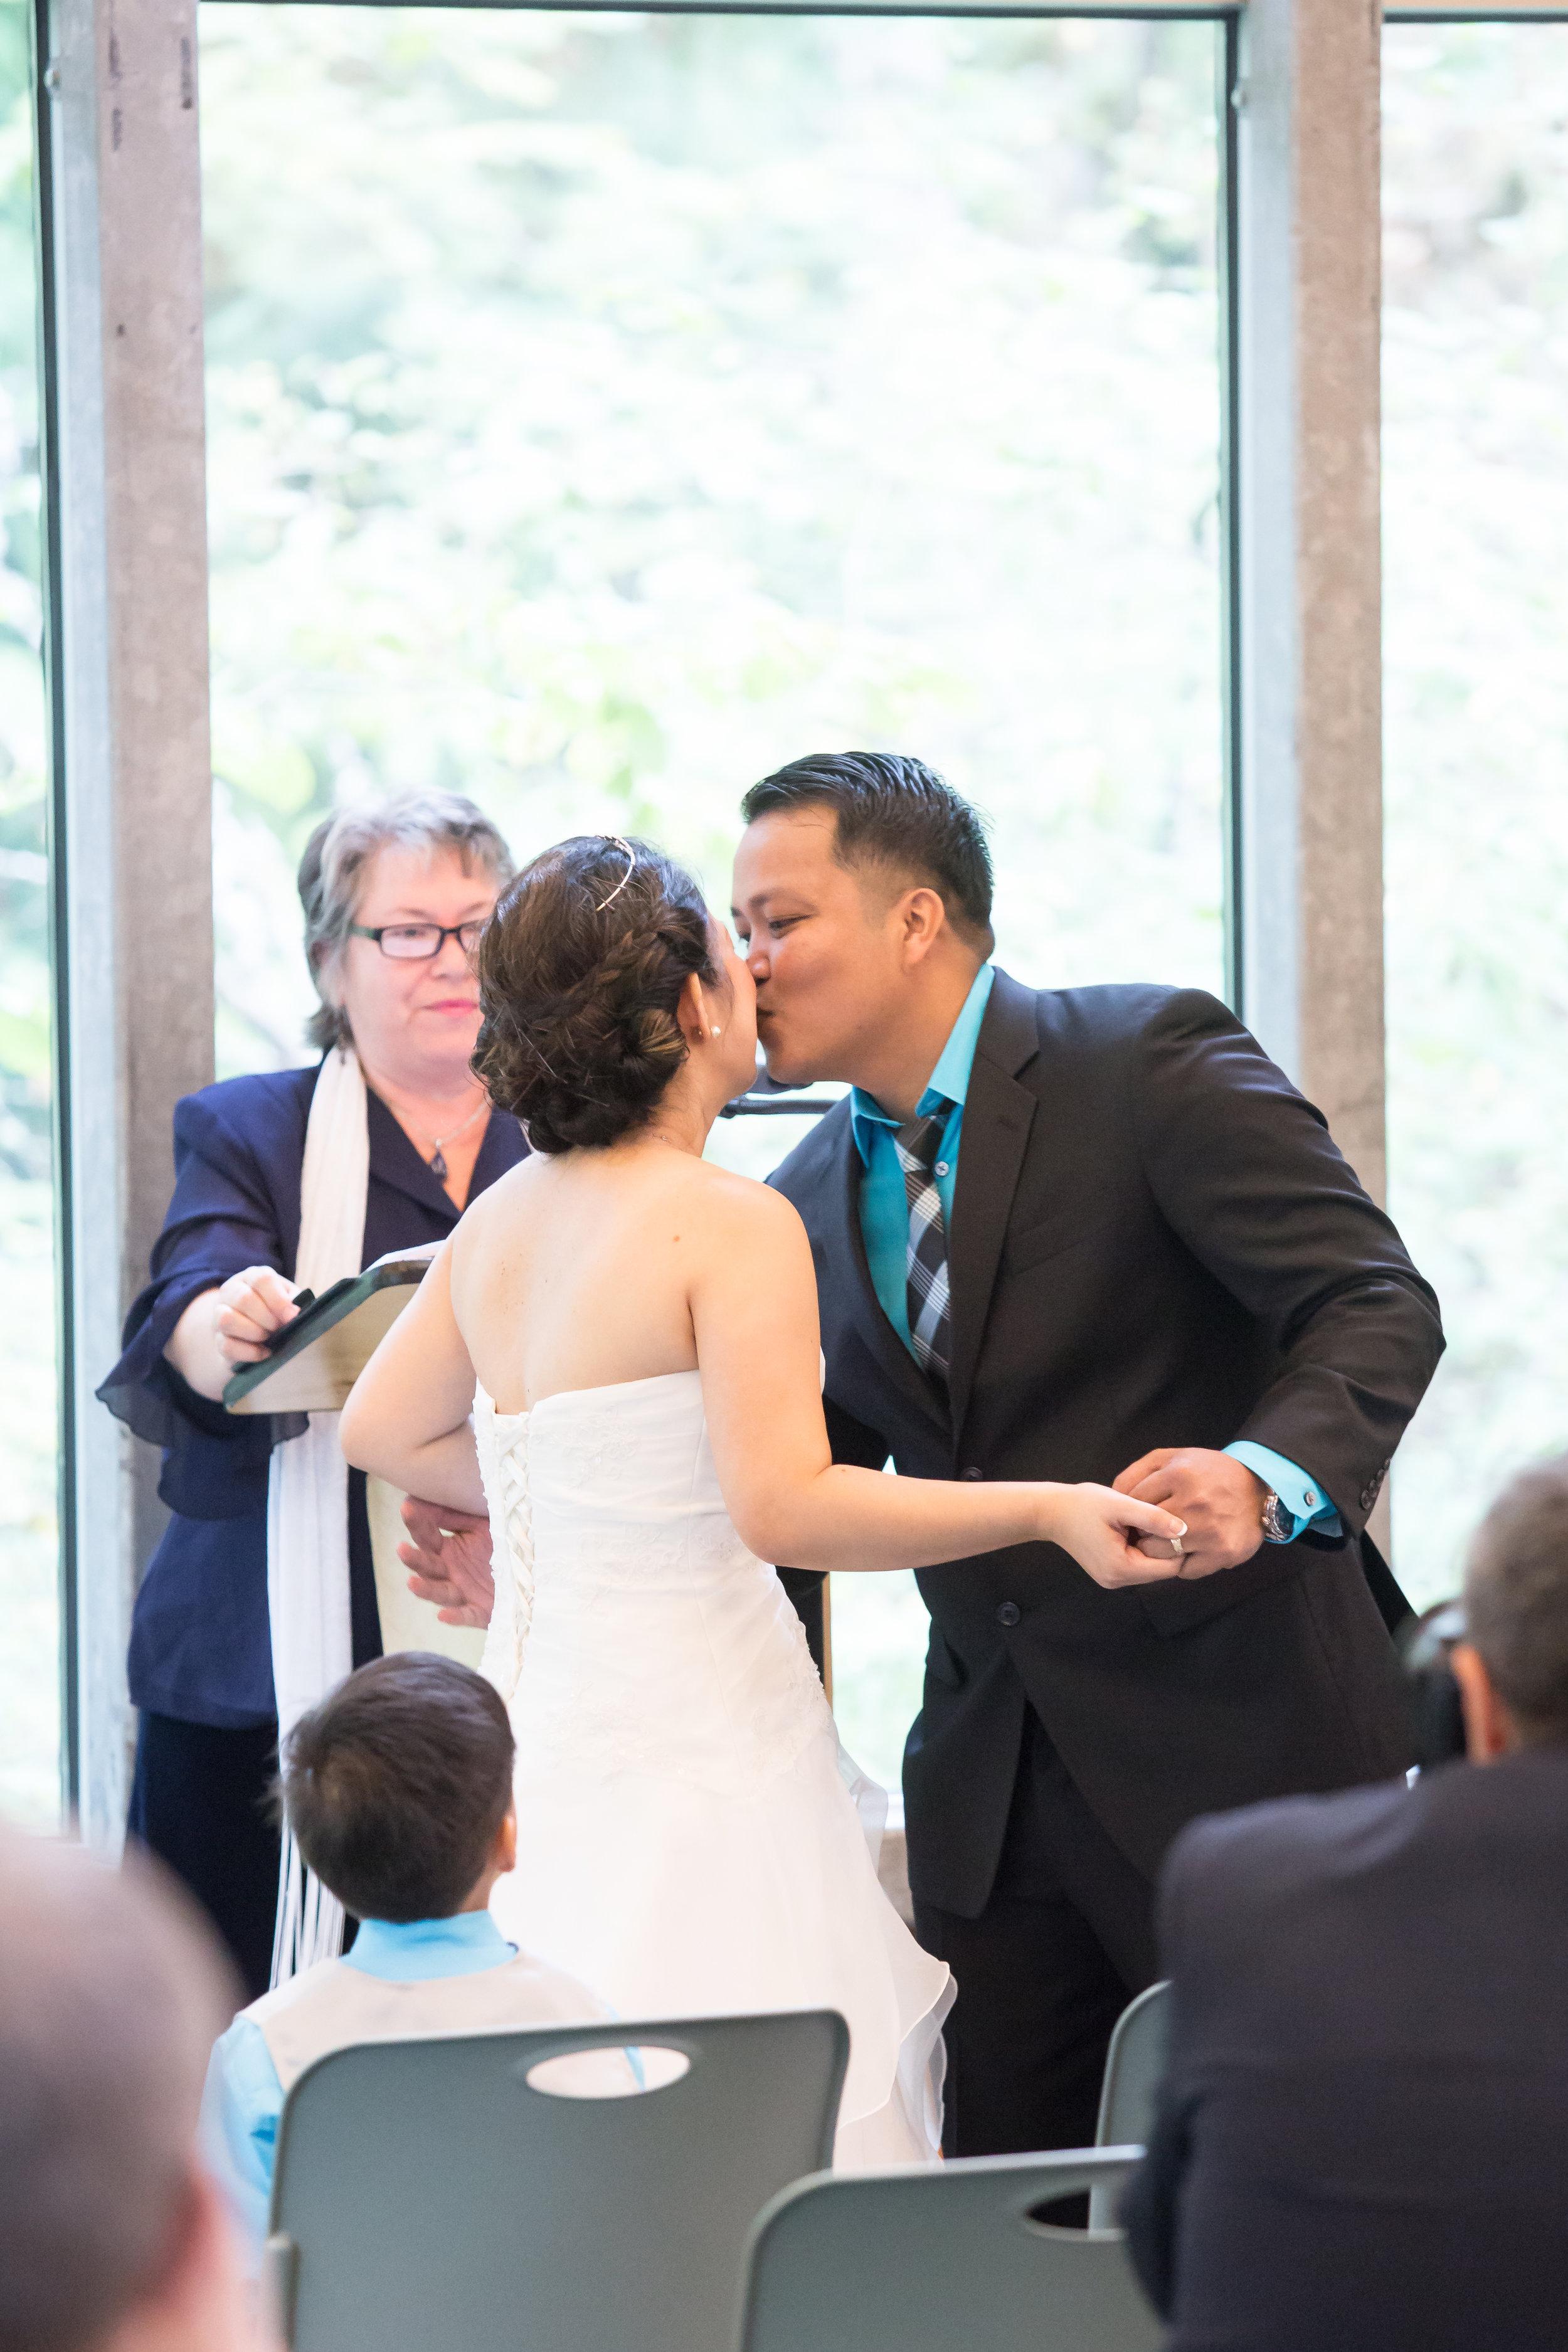 wedding_2015-10-17-30.jpg